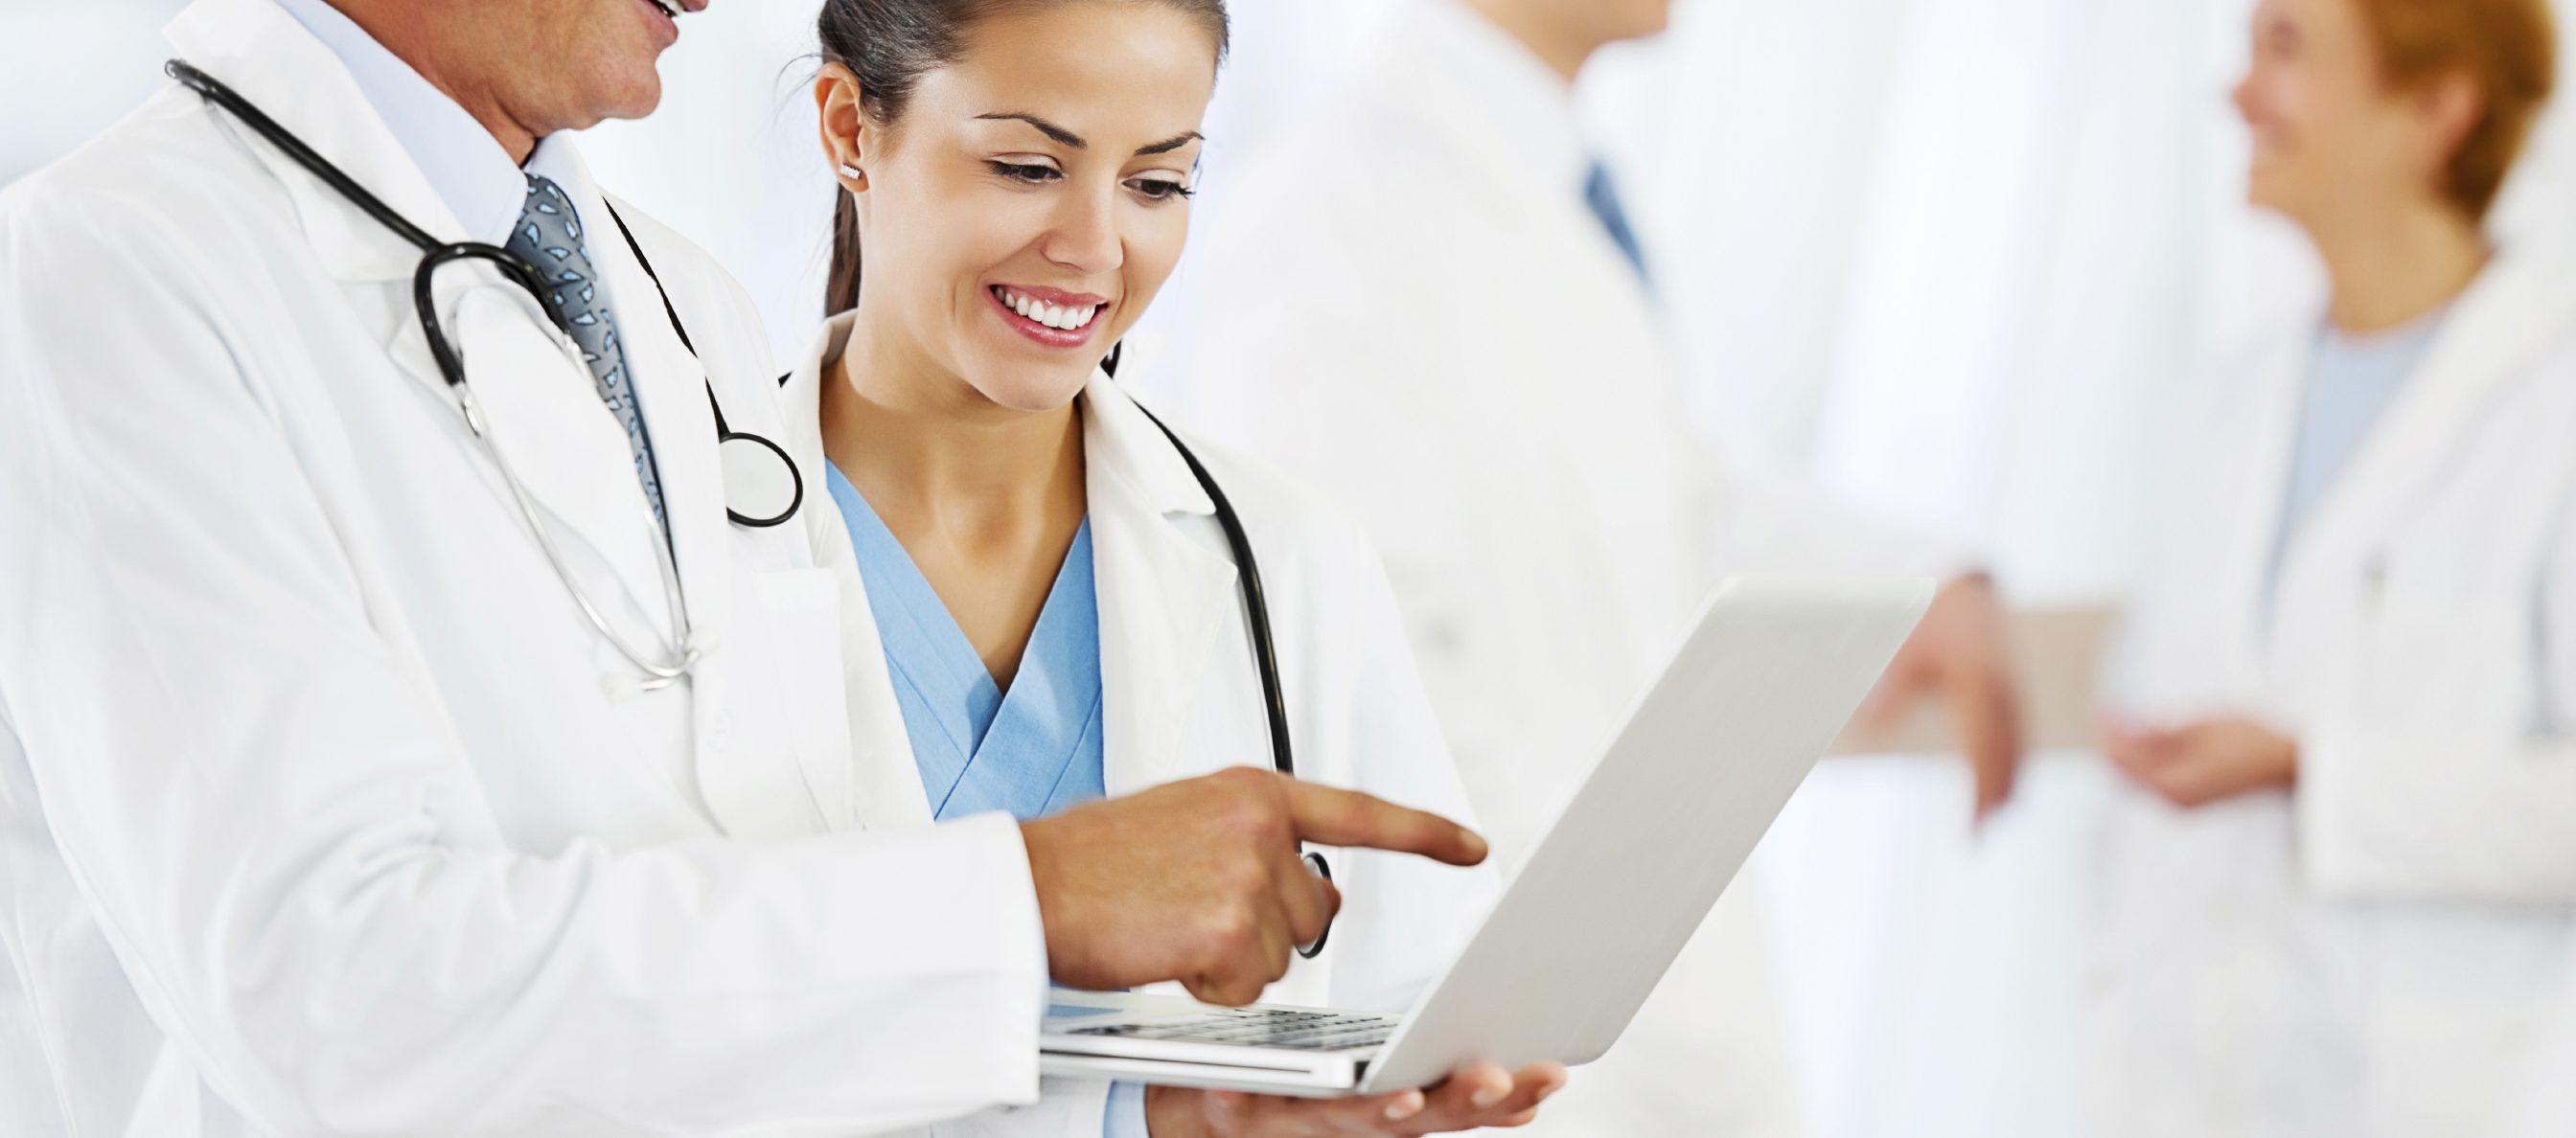 Sites que falam de doenças deverão advertir sobre consulta profissional